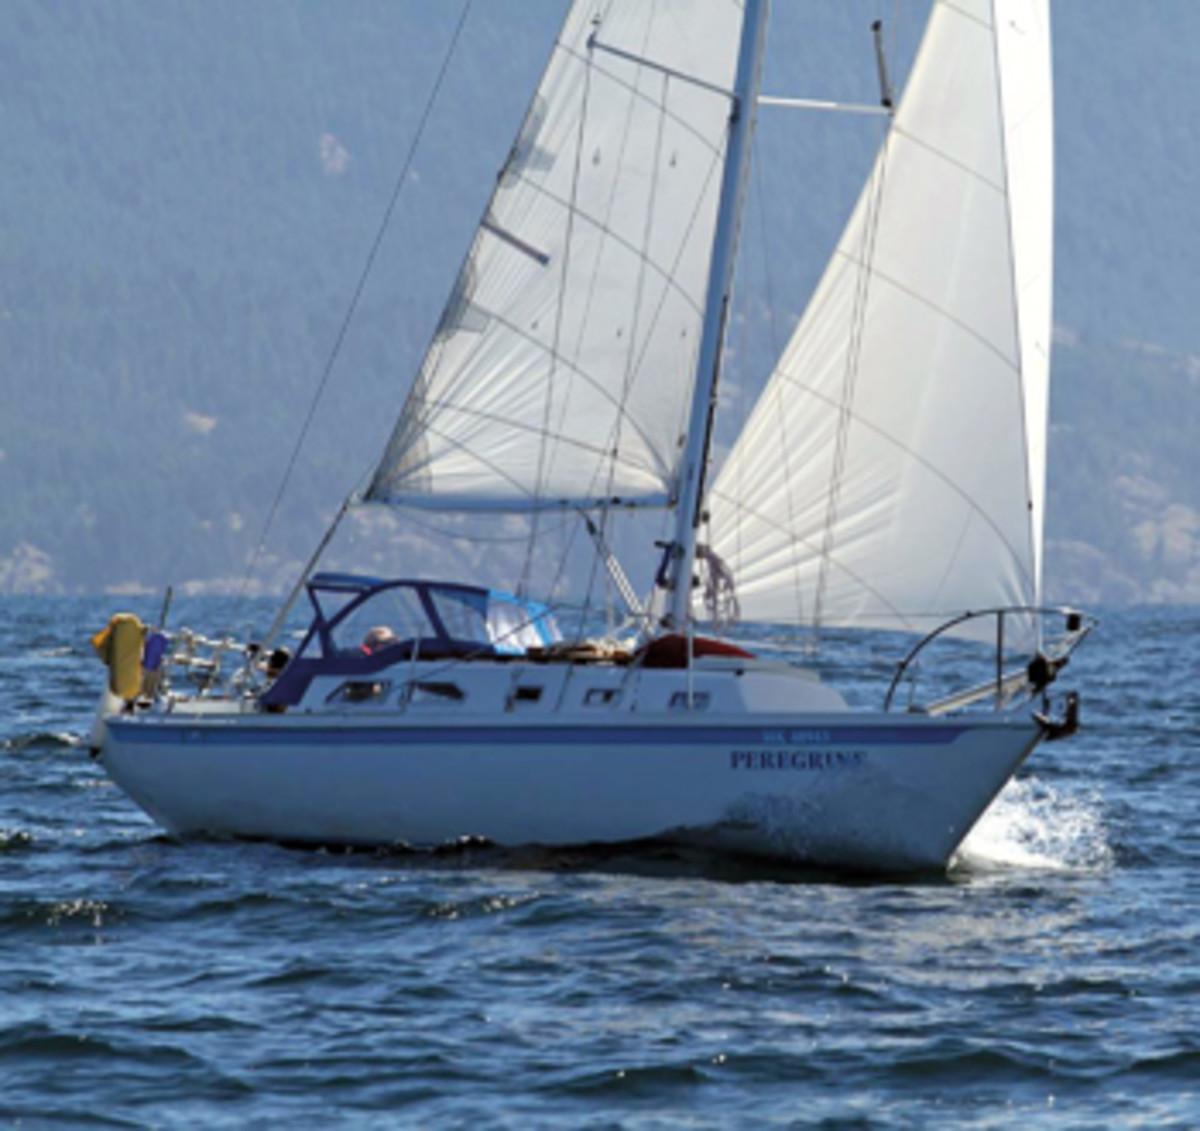 A vintage 1973 Ericson 32-2 is liveaboard sailor Annette Brosin's refuge and escape vehicle.